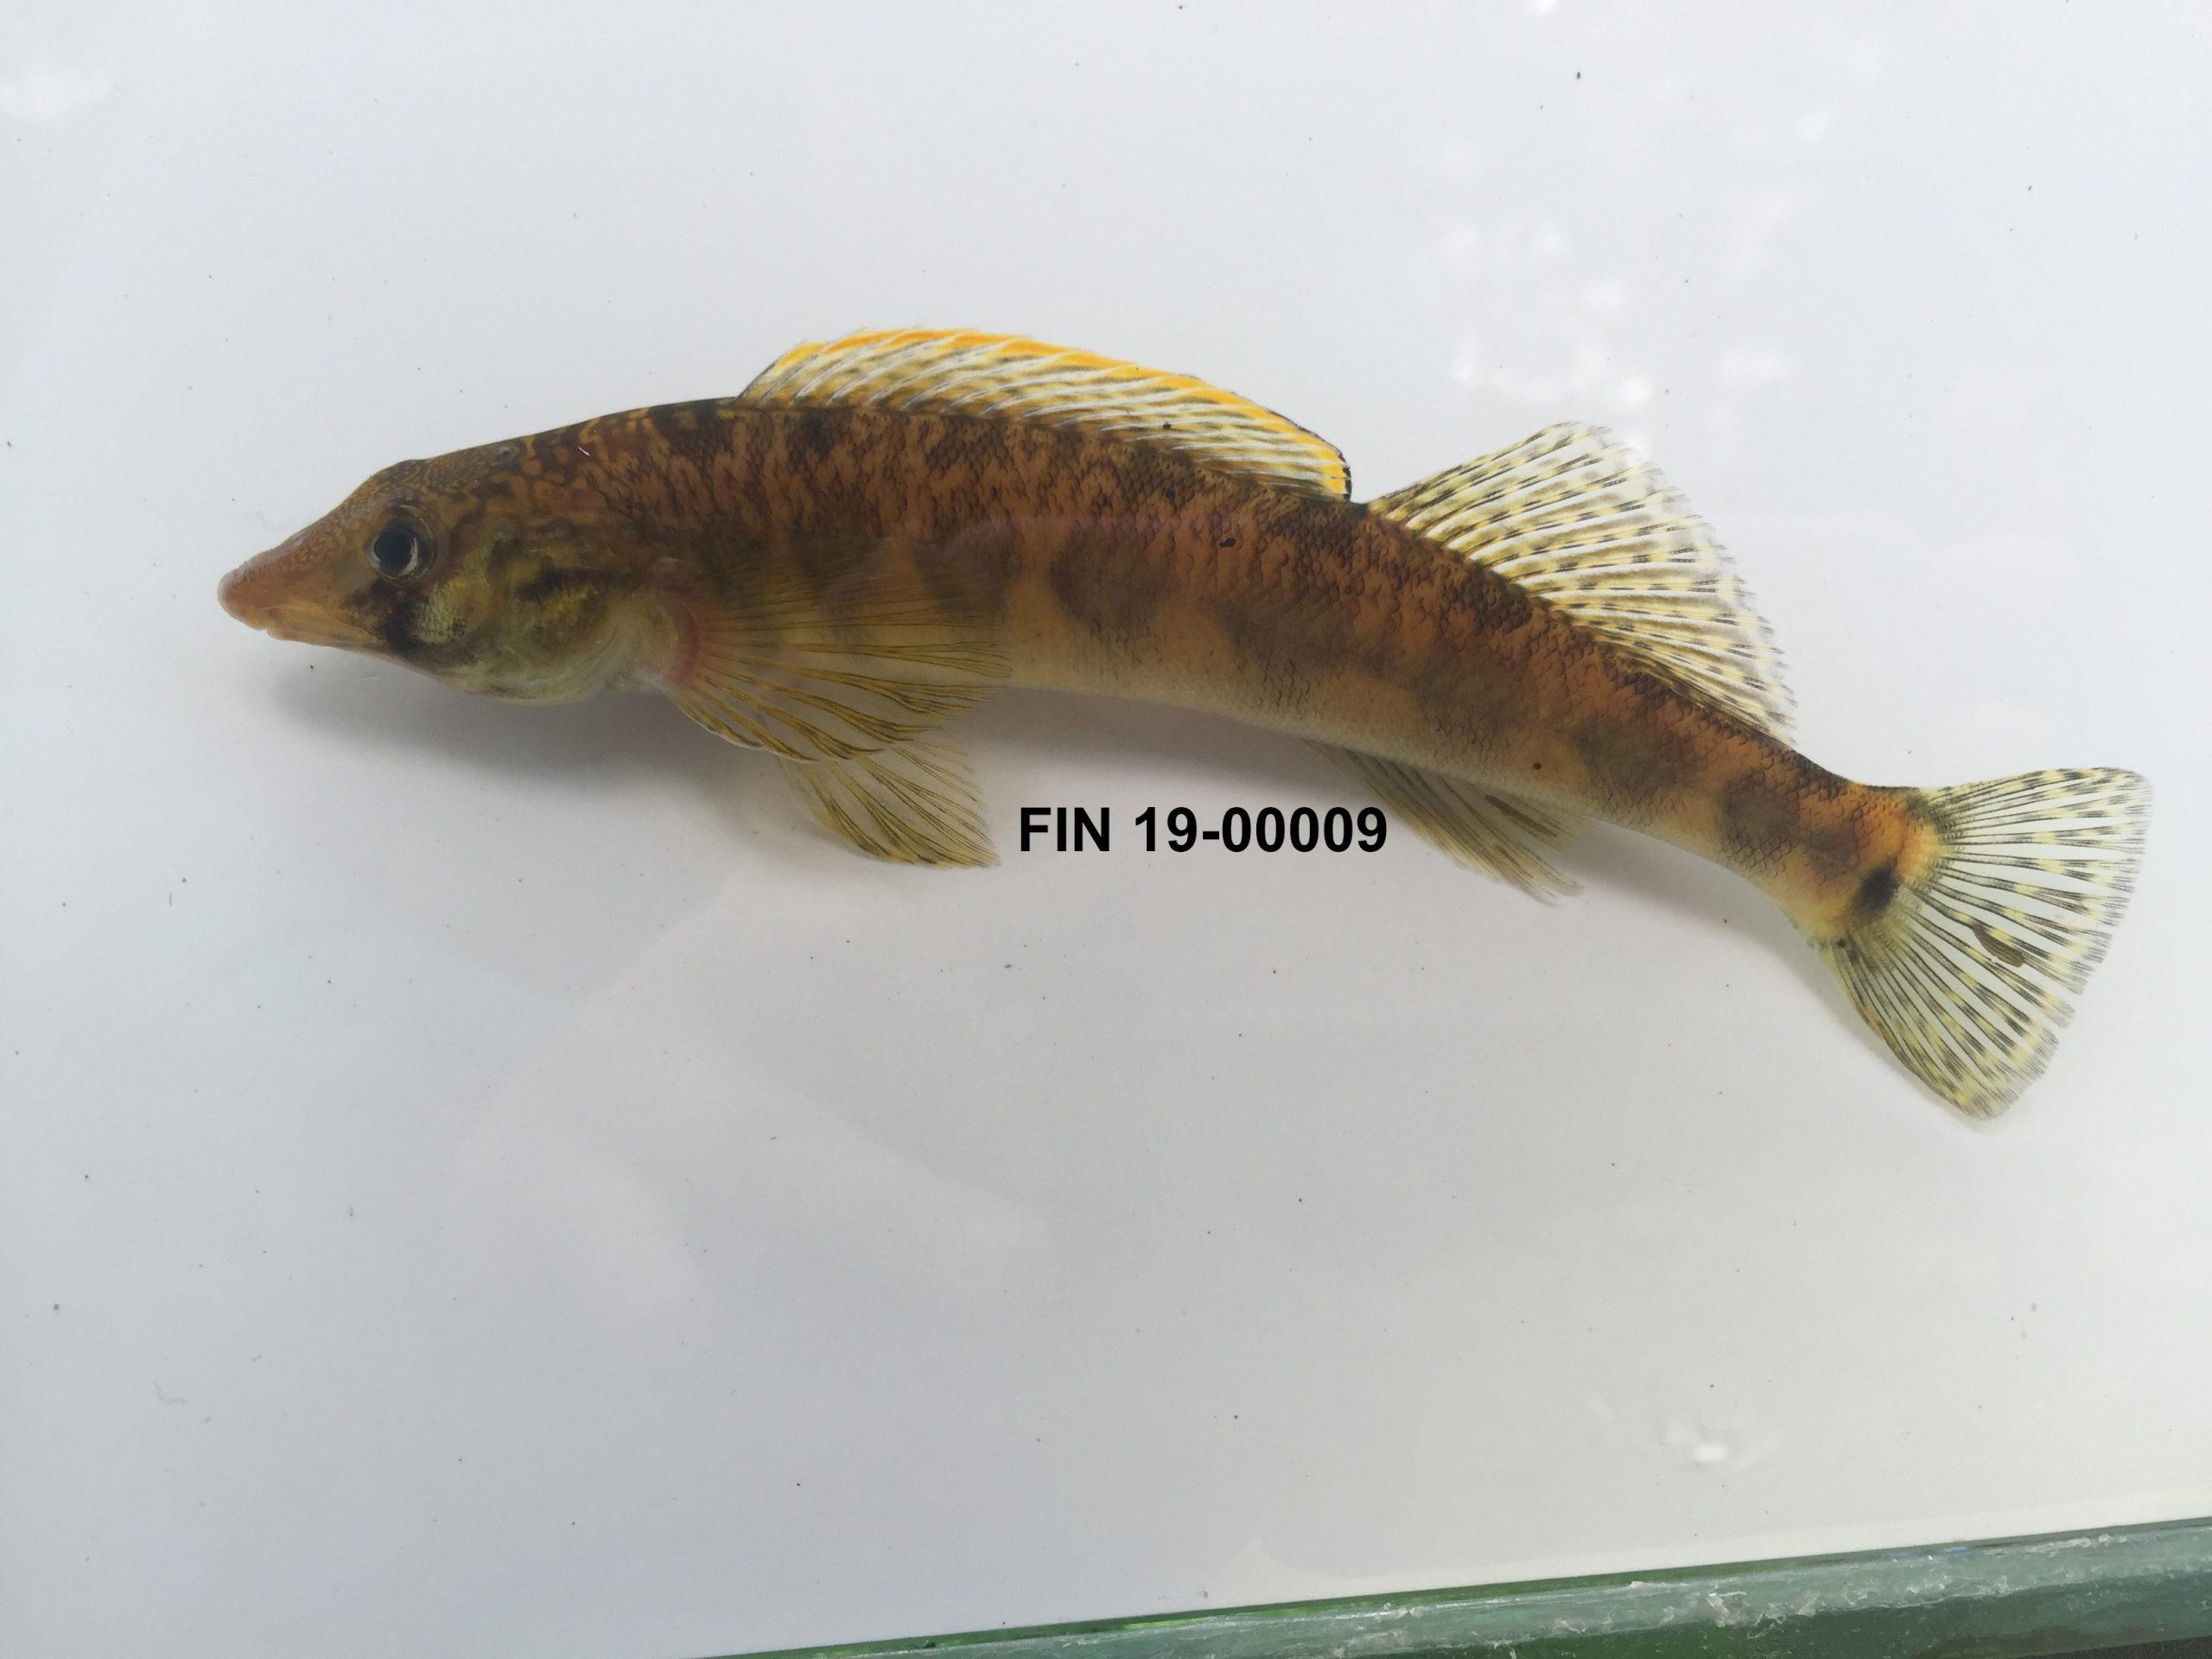 fin_19-00009